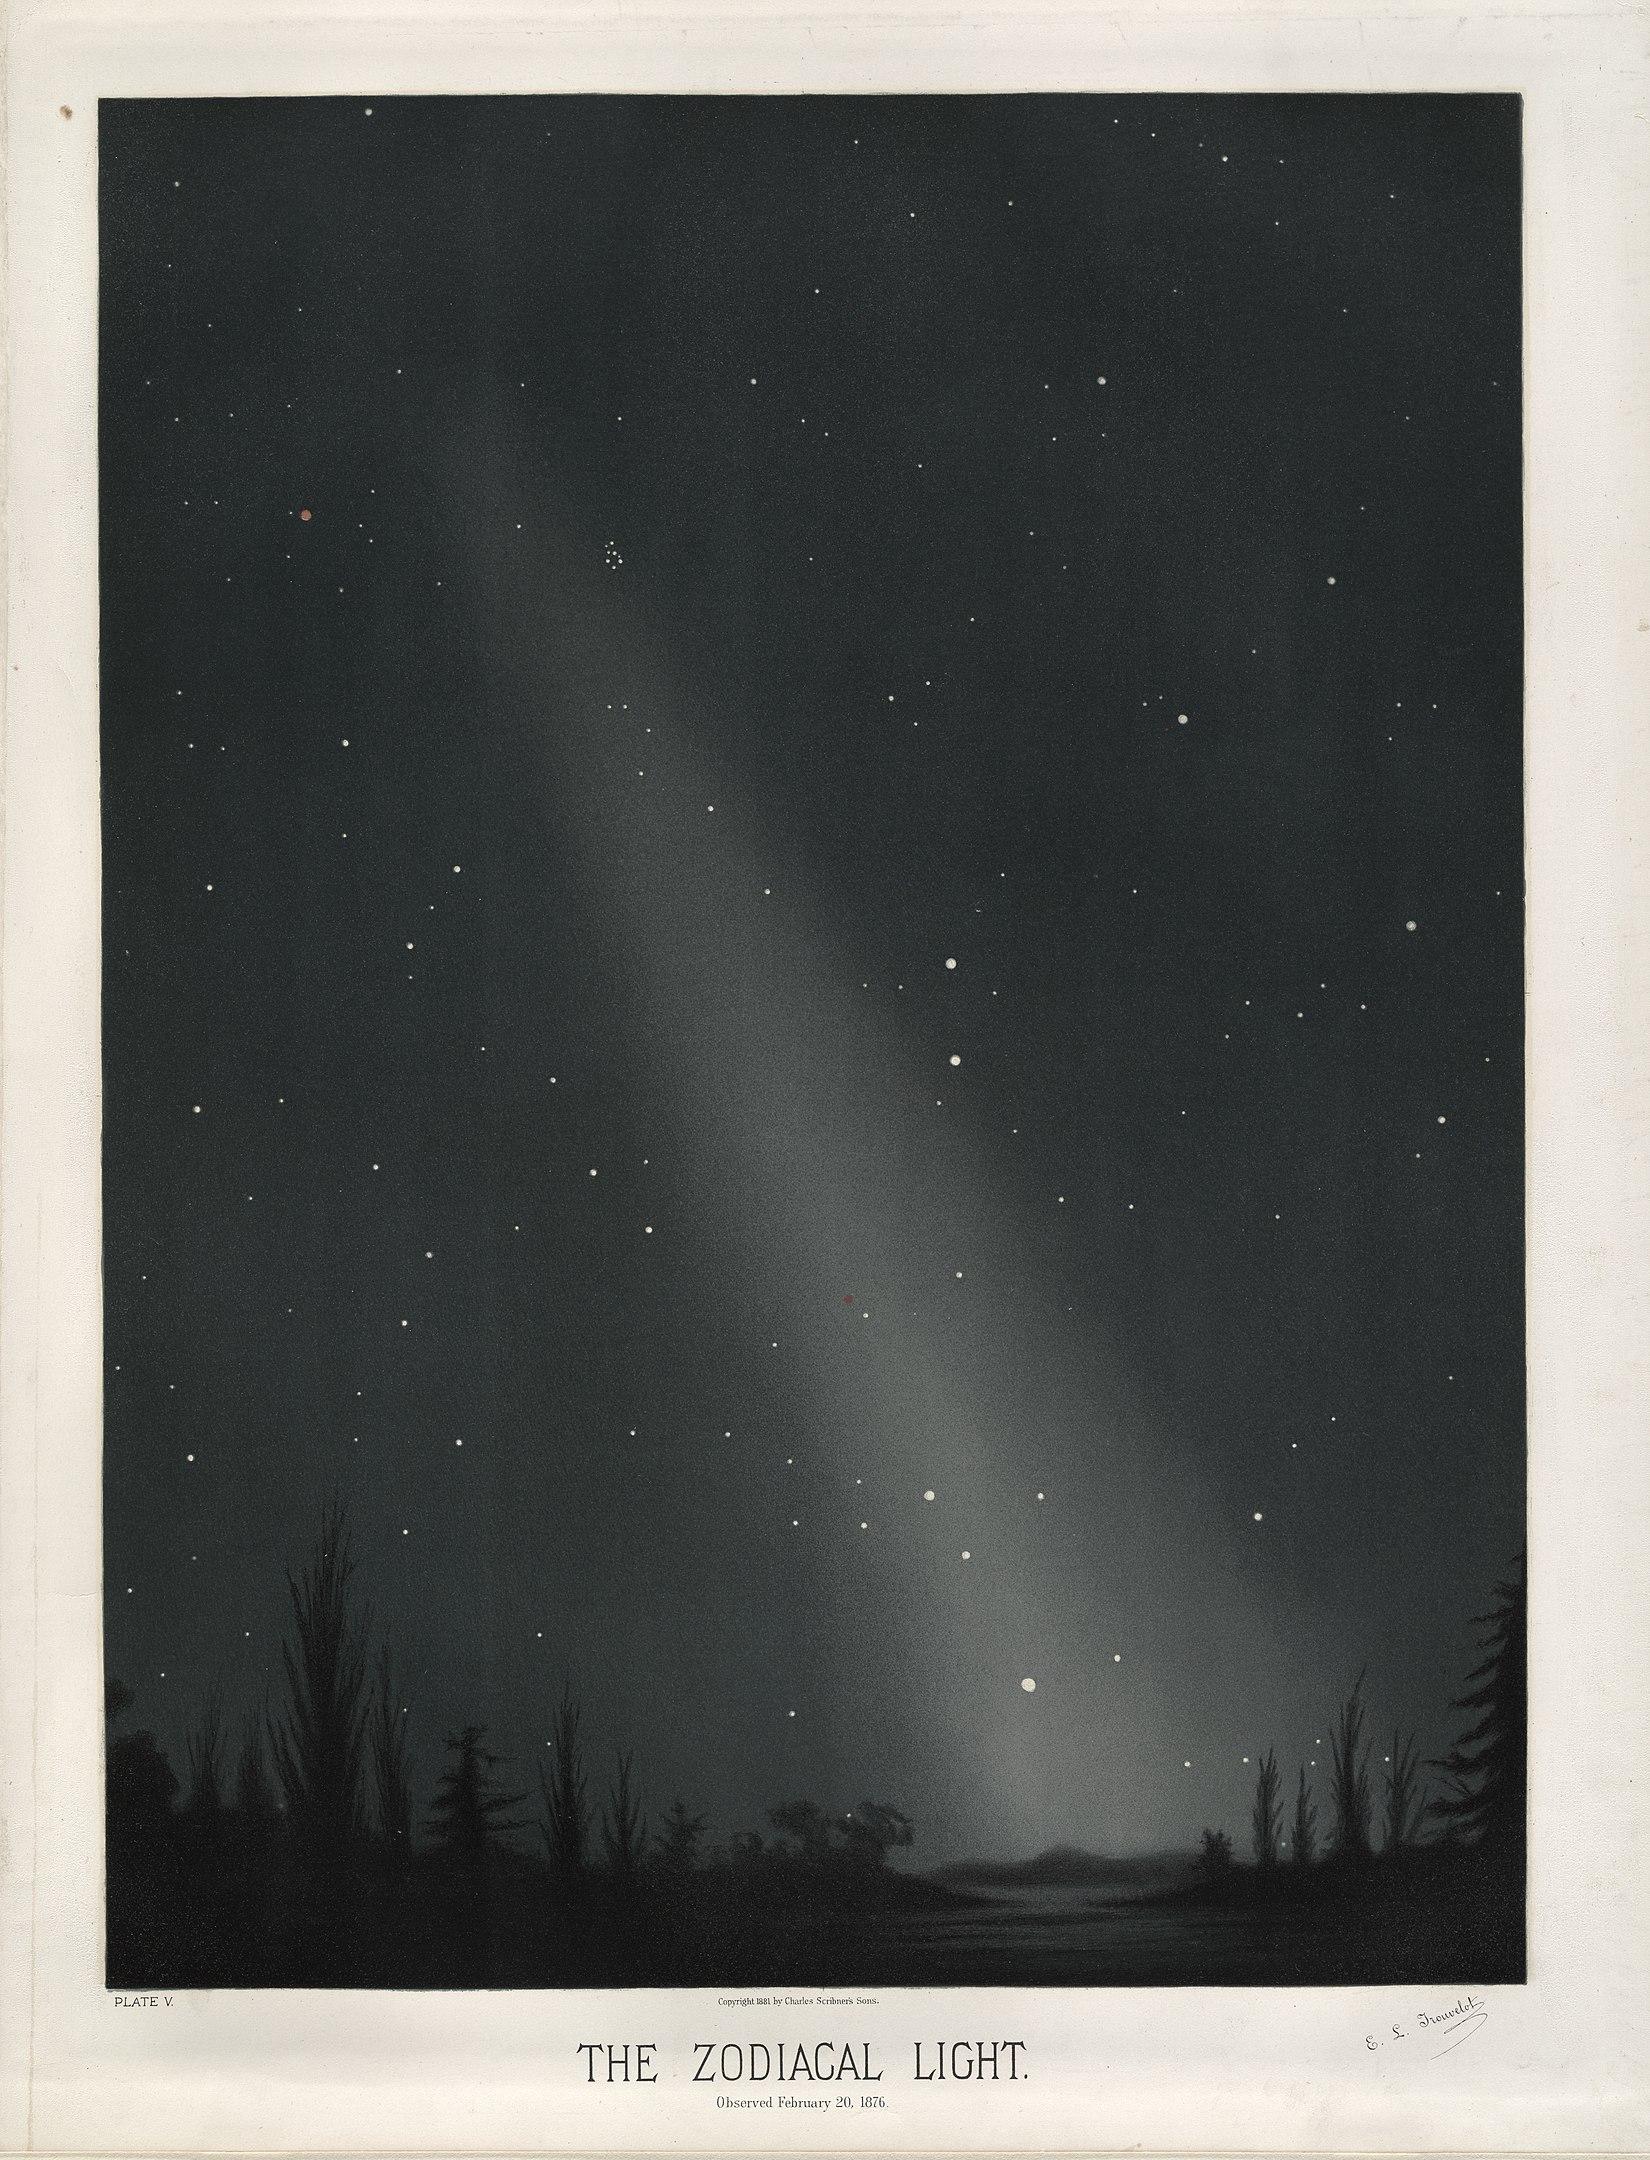 Zodiacal lights by E.Trouvelot